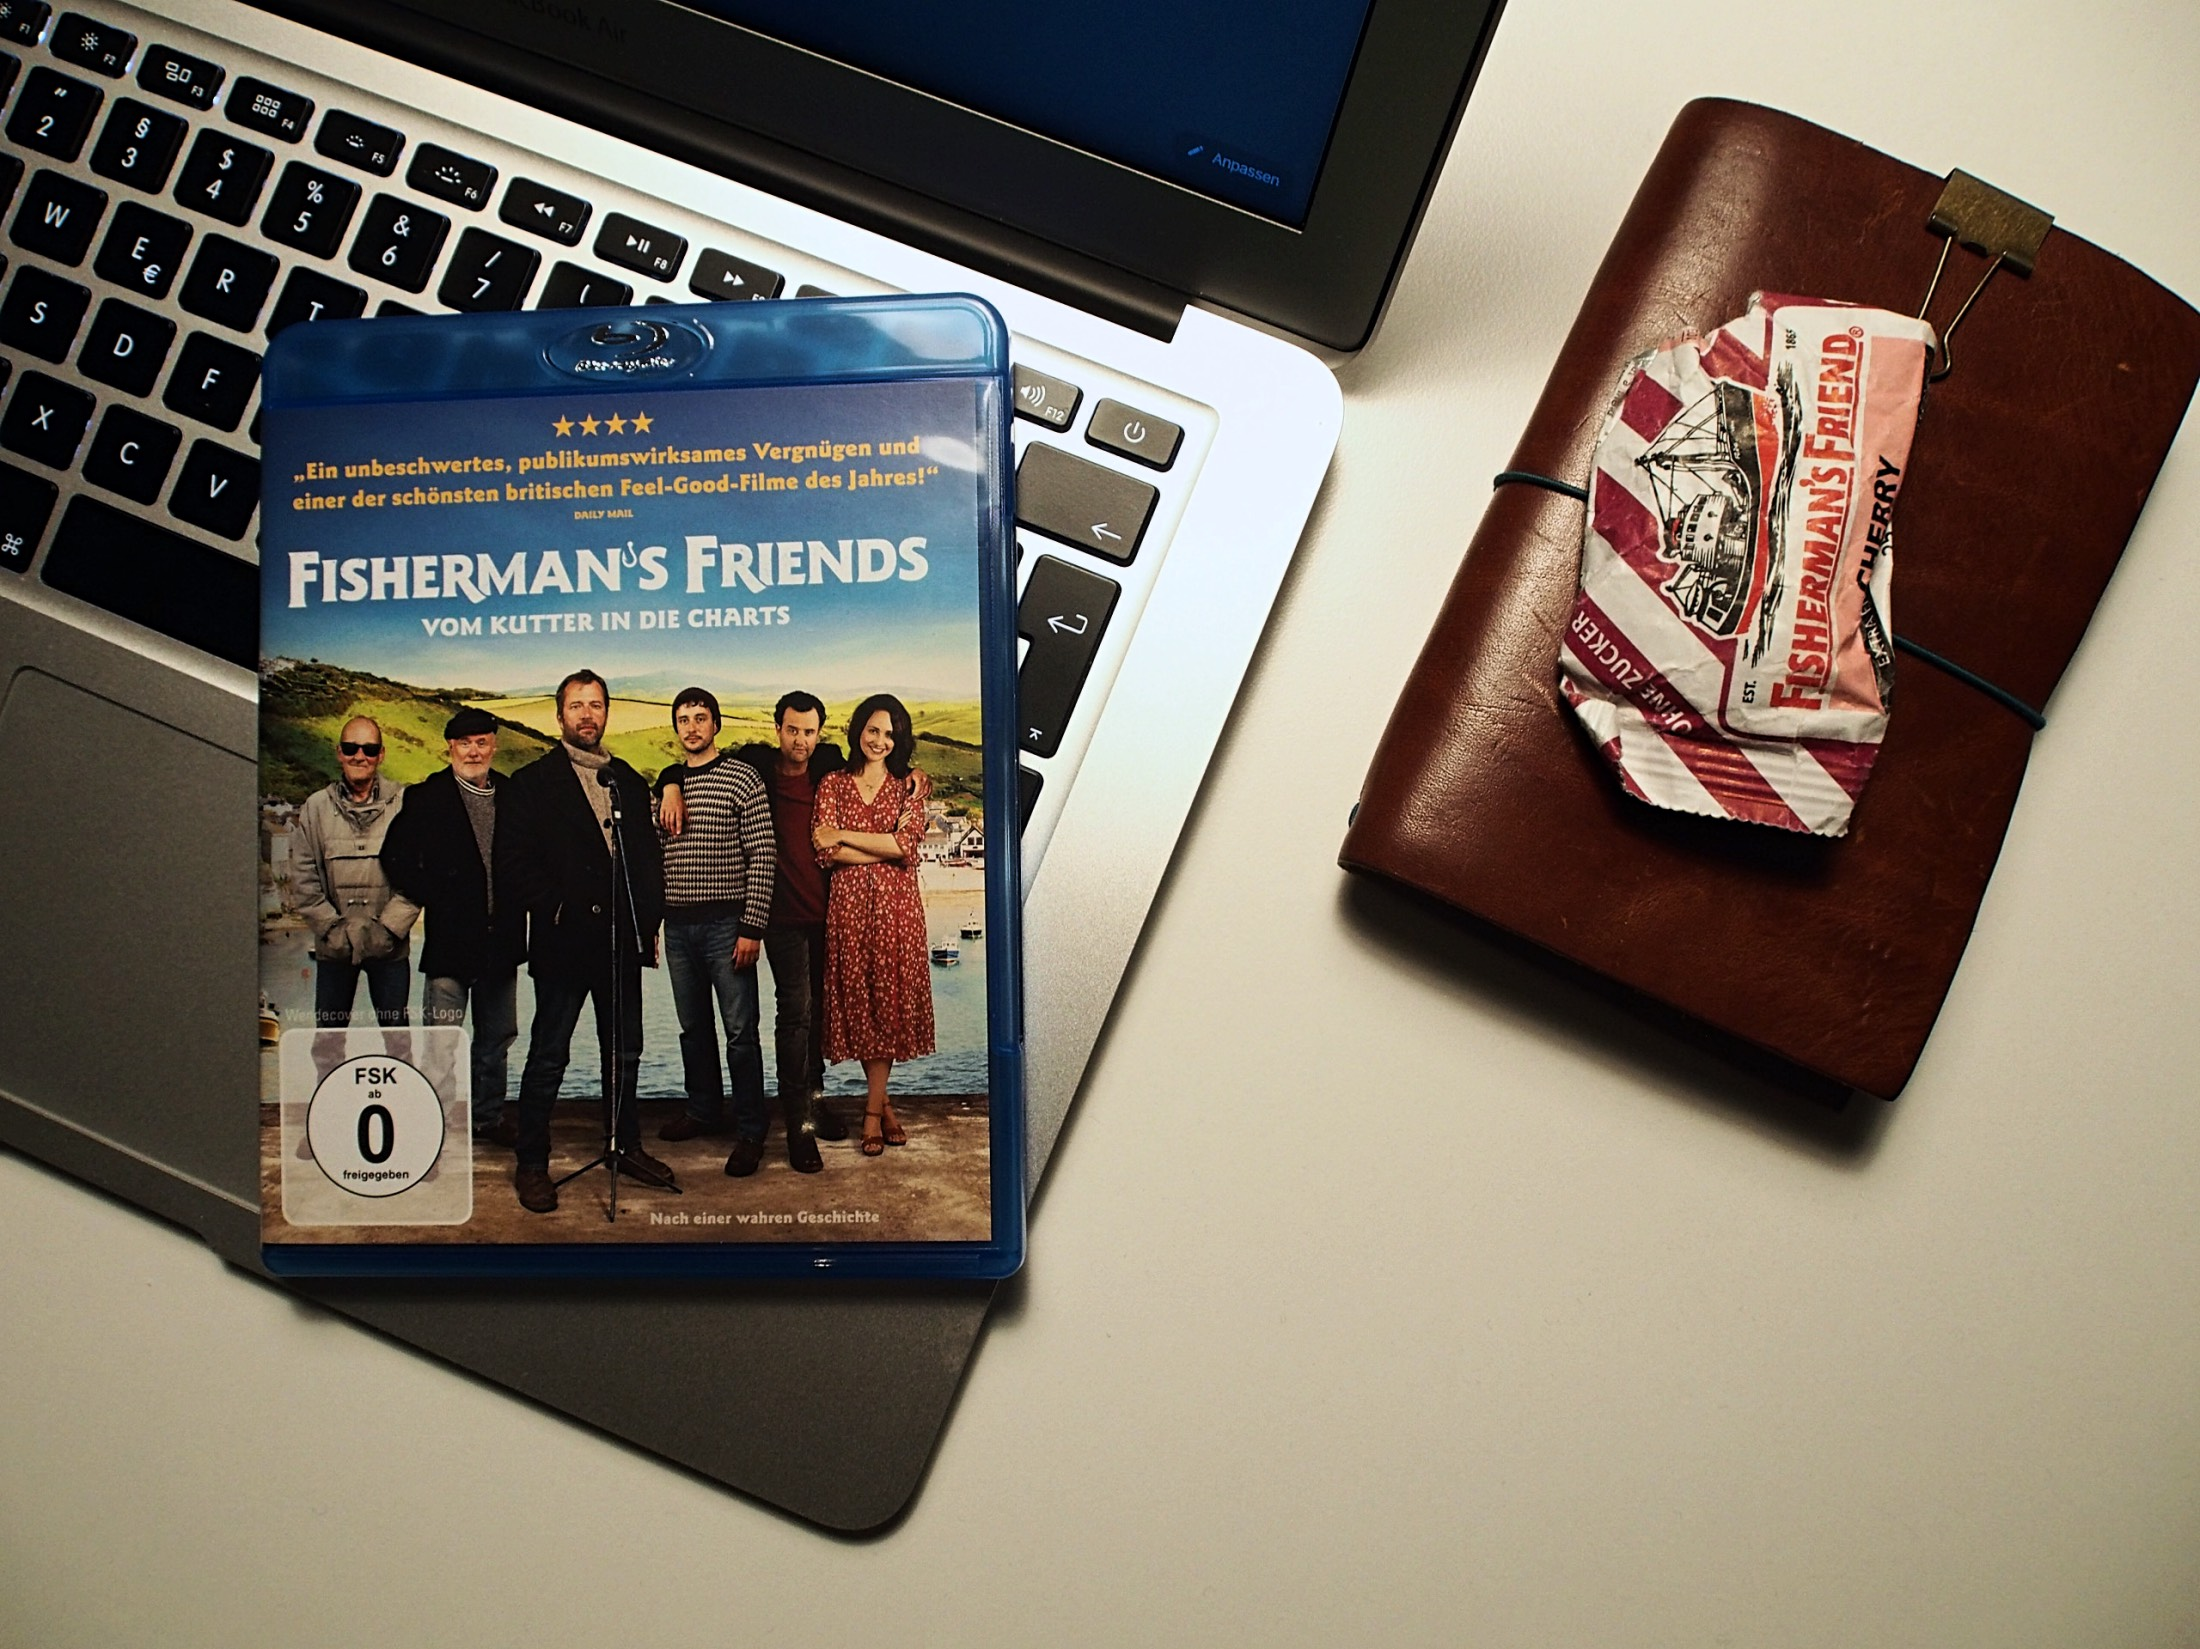 Fischermans Frind - Reingeschaut - ZoomLab.de